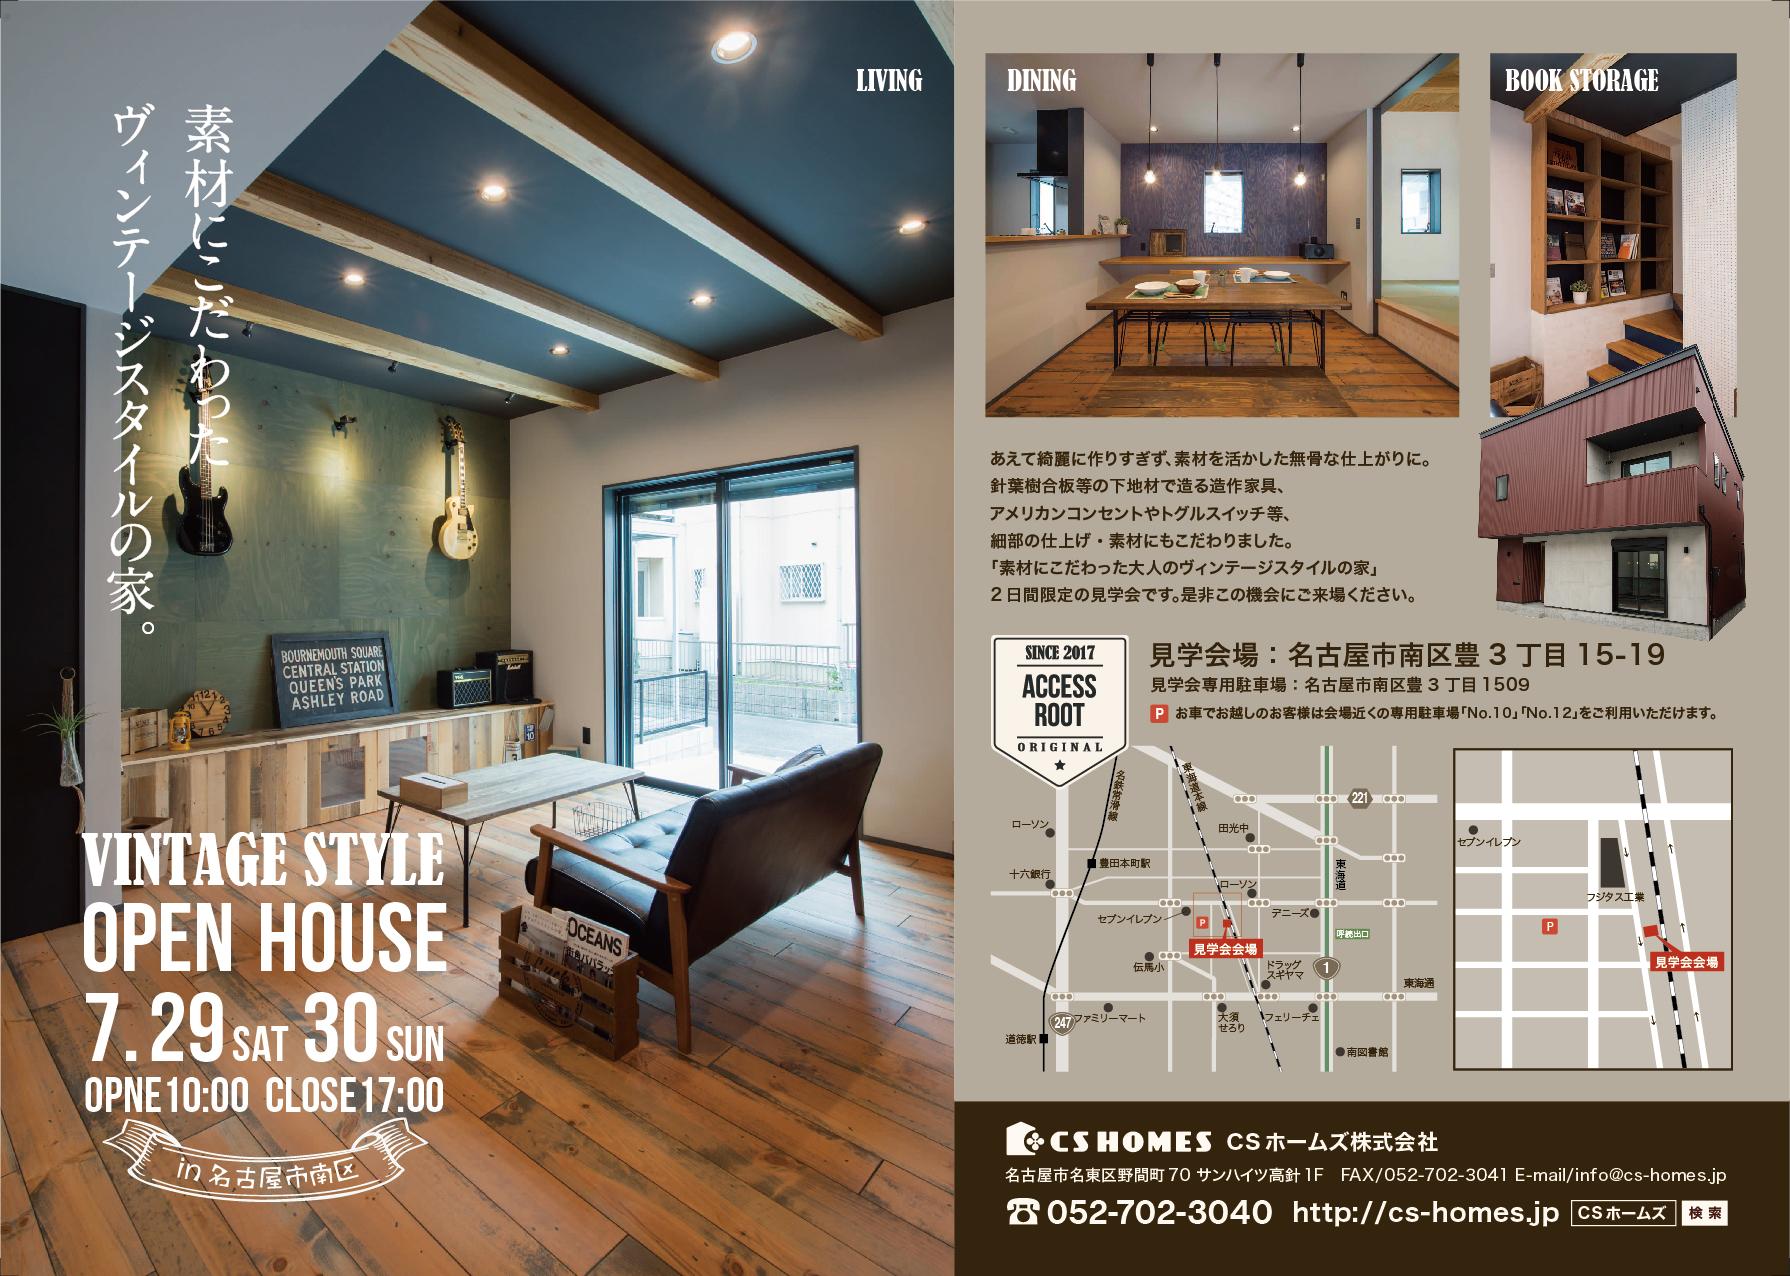 「 素材にこだわった ヴィンテージスタイルの家 」完成見学会開催   IN 名古屋市南区【2日間限定】